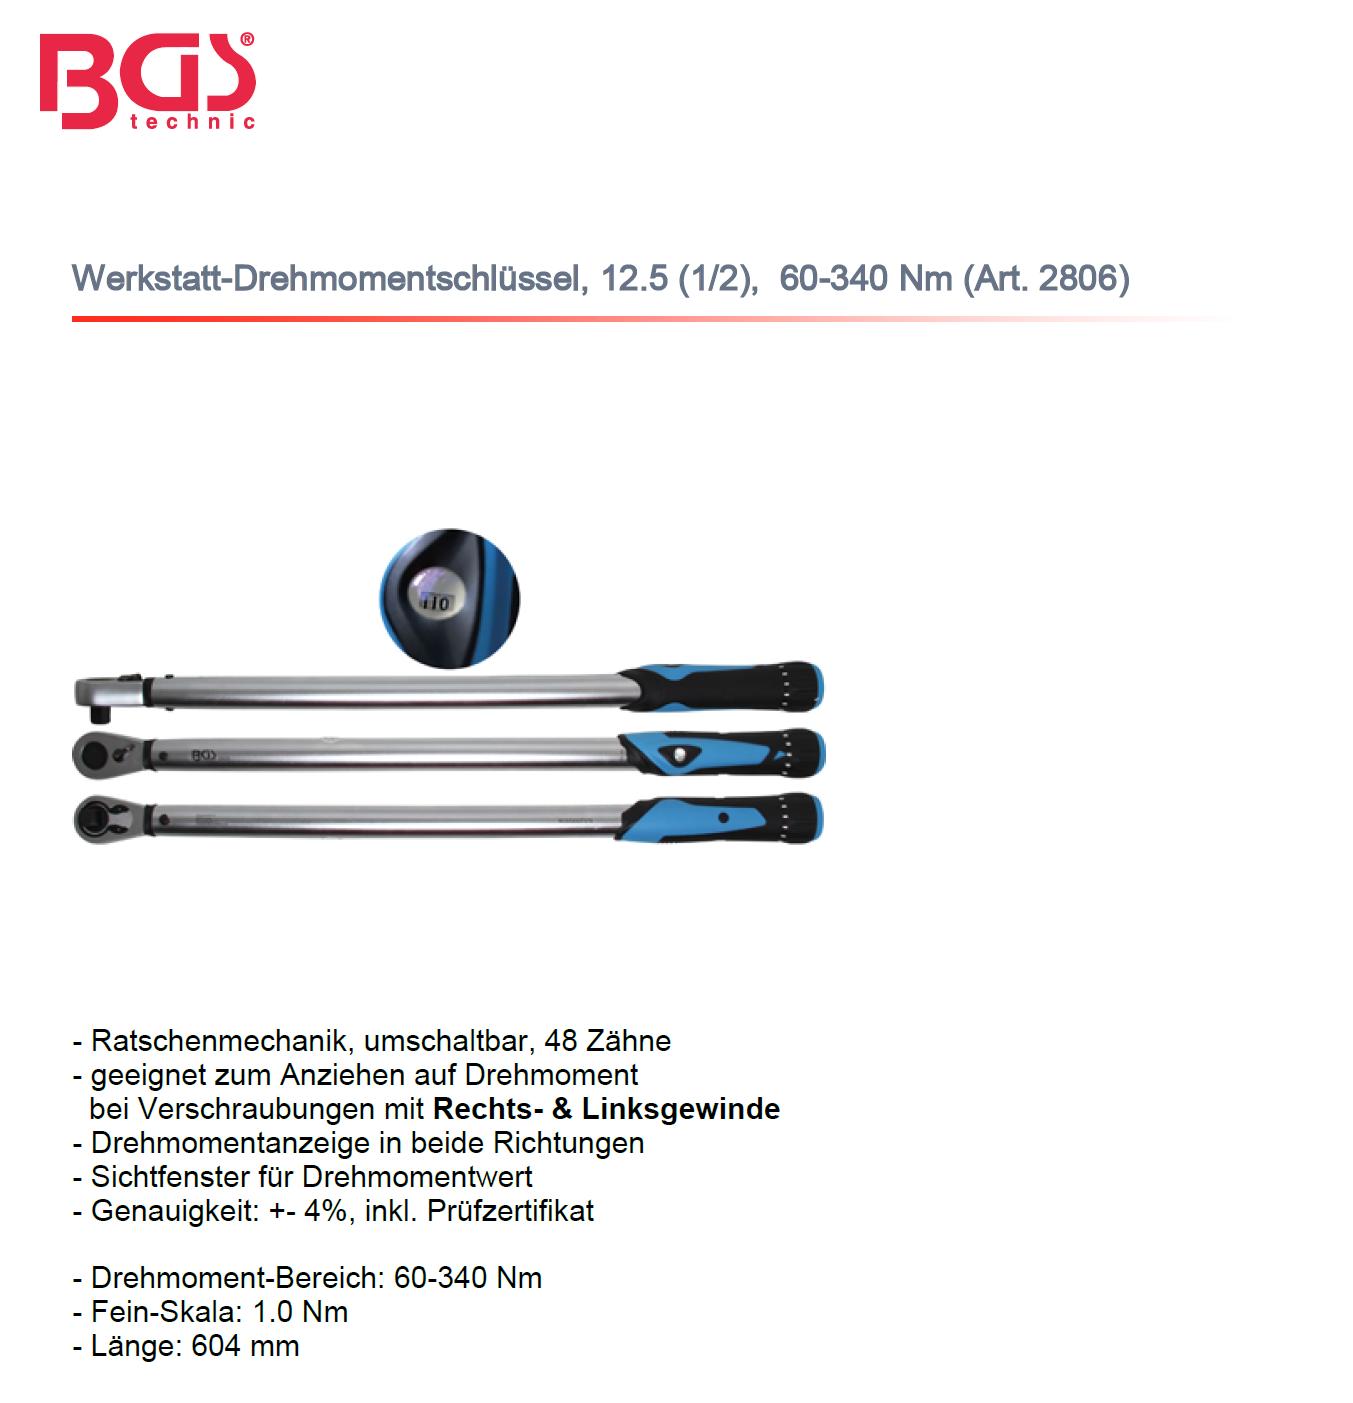 Drehmomentschlüssel für Werkstatt, 12.5 (1/2), 60-340 Nm   Art. 2806